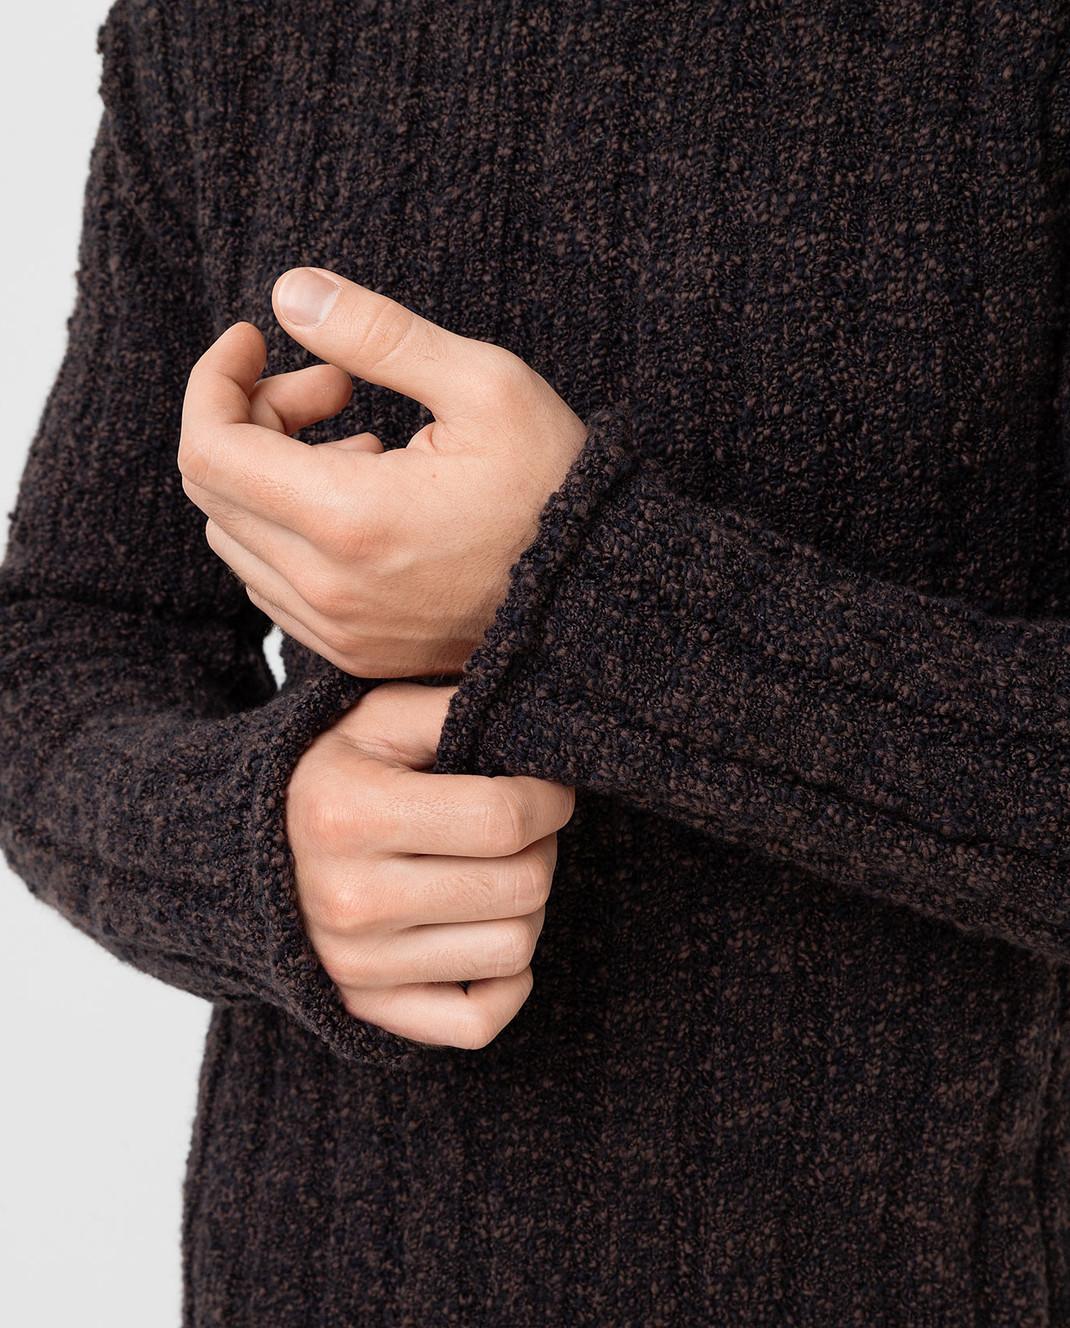 Dolce&Gabbana Коричневый свитер из шерсти изображение 5